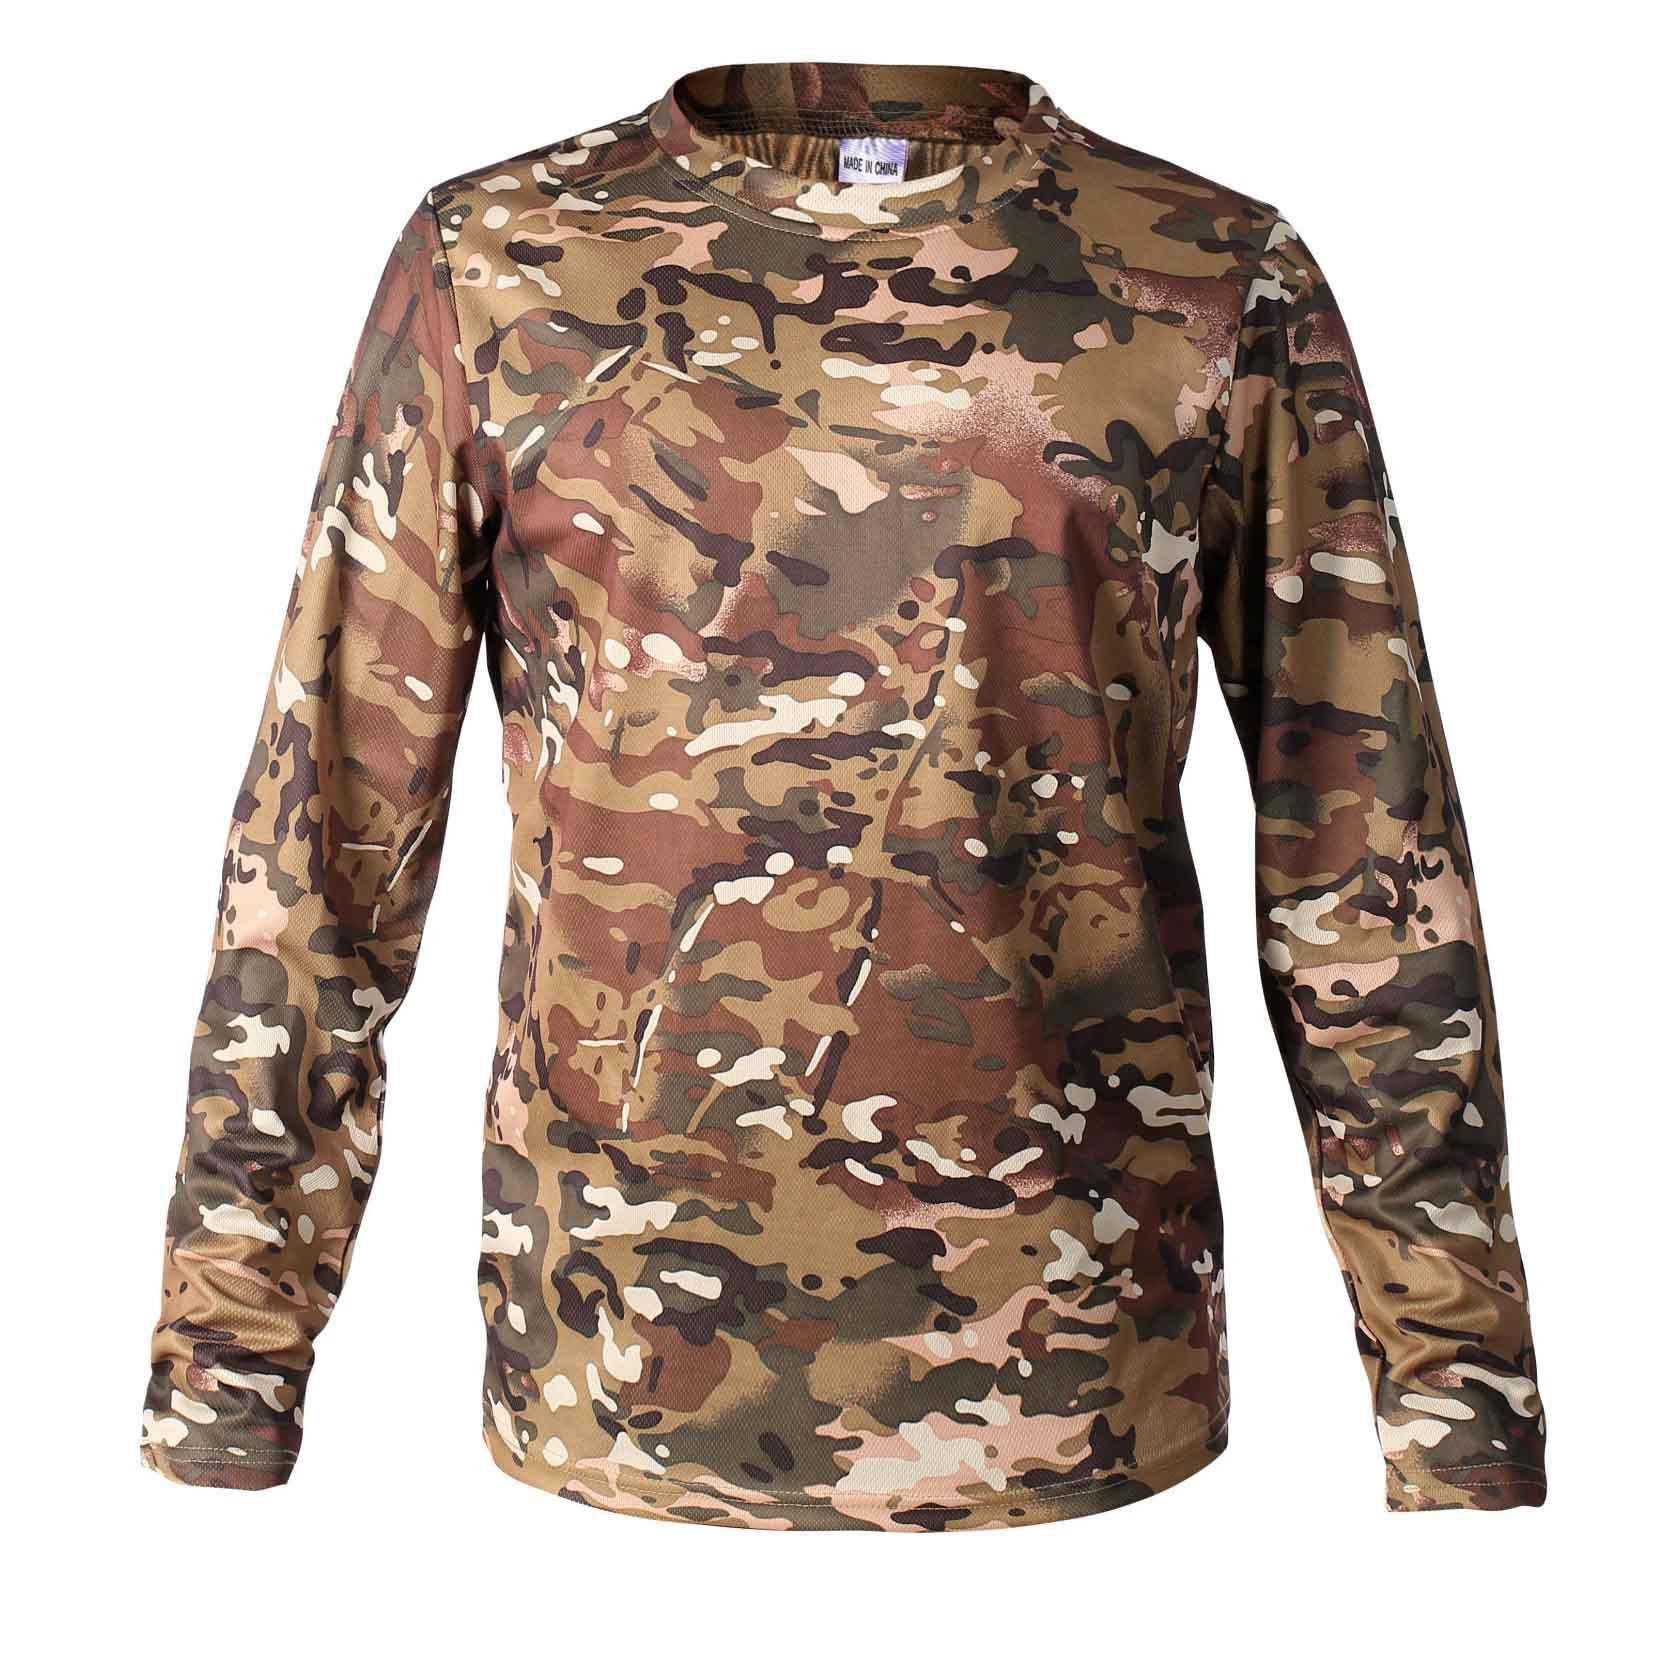 مصمم قمصان الرجال بيونيك التمويه الصيد الرجال تي شيرت تنفس شبكة بأكمام طويلة للالبسة فاخرة الصيد التخييم المشي لمسافات طويلة